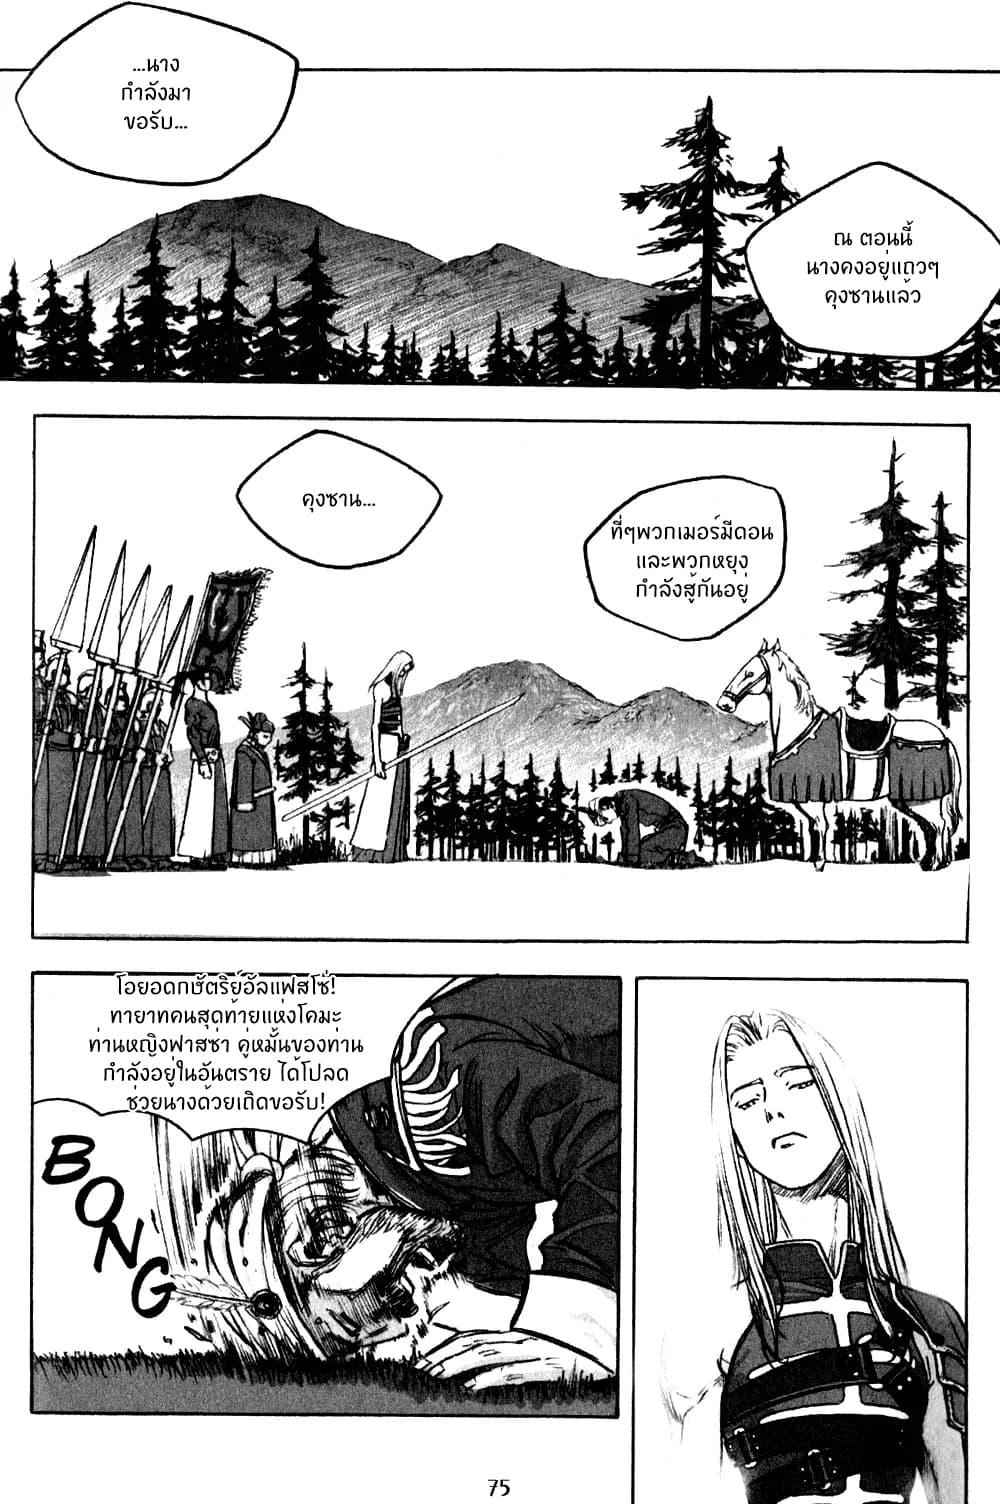 อ่านการ์ตูน Chunchu The Genocide Fiend ตอนที่ 3 หน้าที่ 15